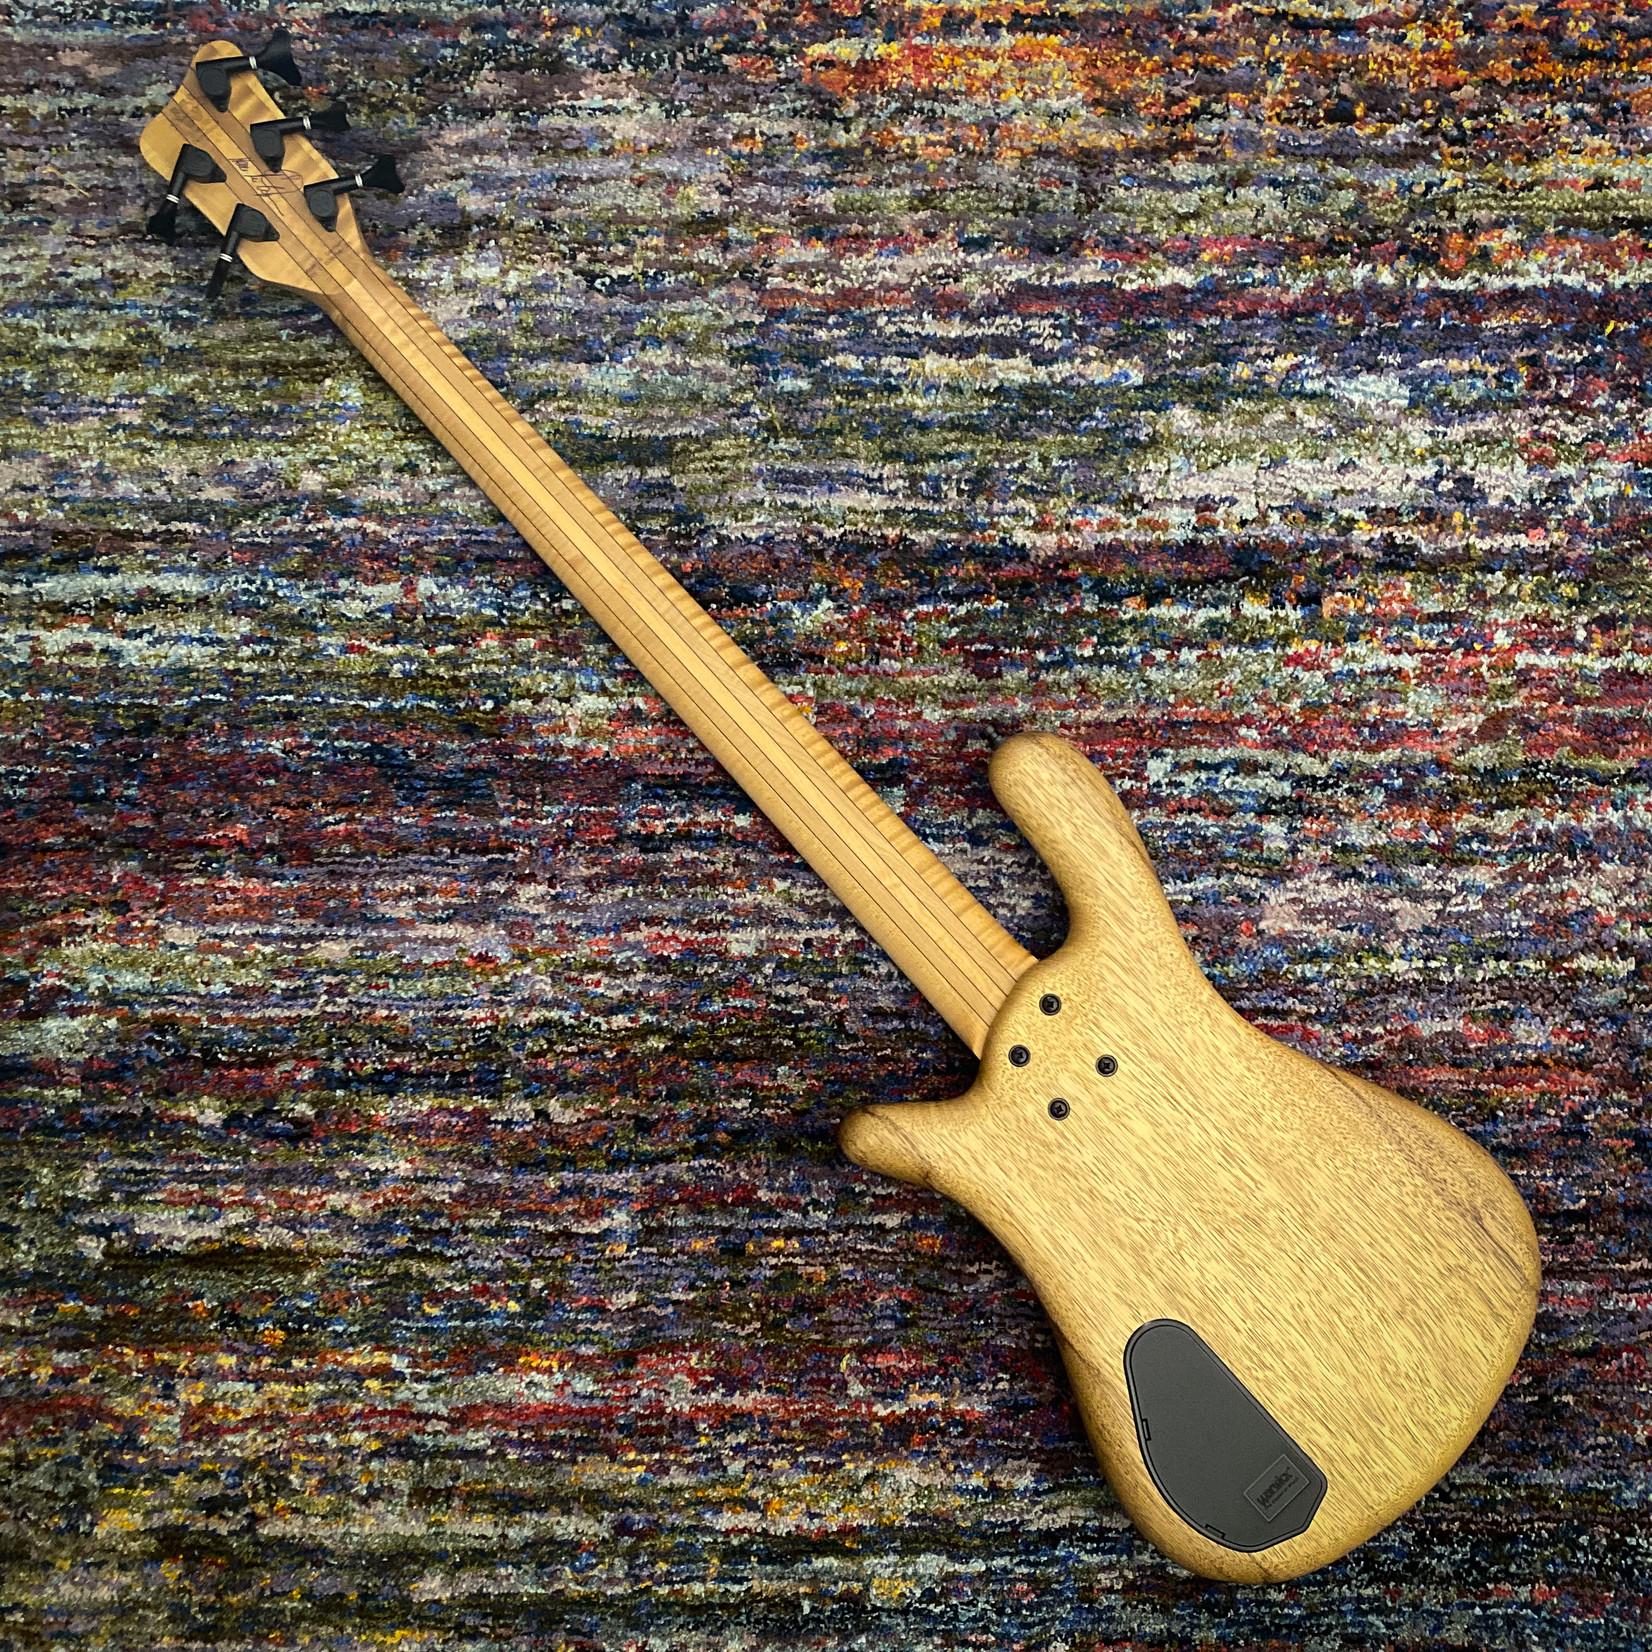 Warwick Warwick TeamBuilt Pro Series Streamer LX Limited Edition 2021, 5-String Bass, Black Korina, #38/100